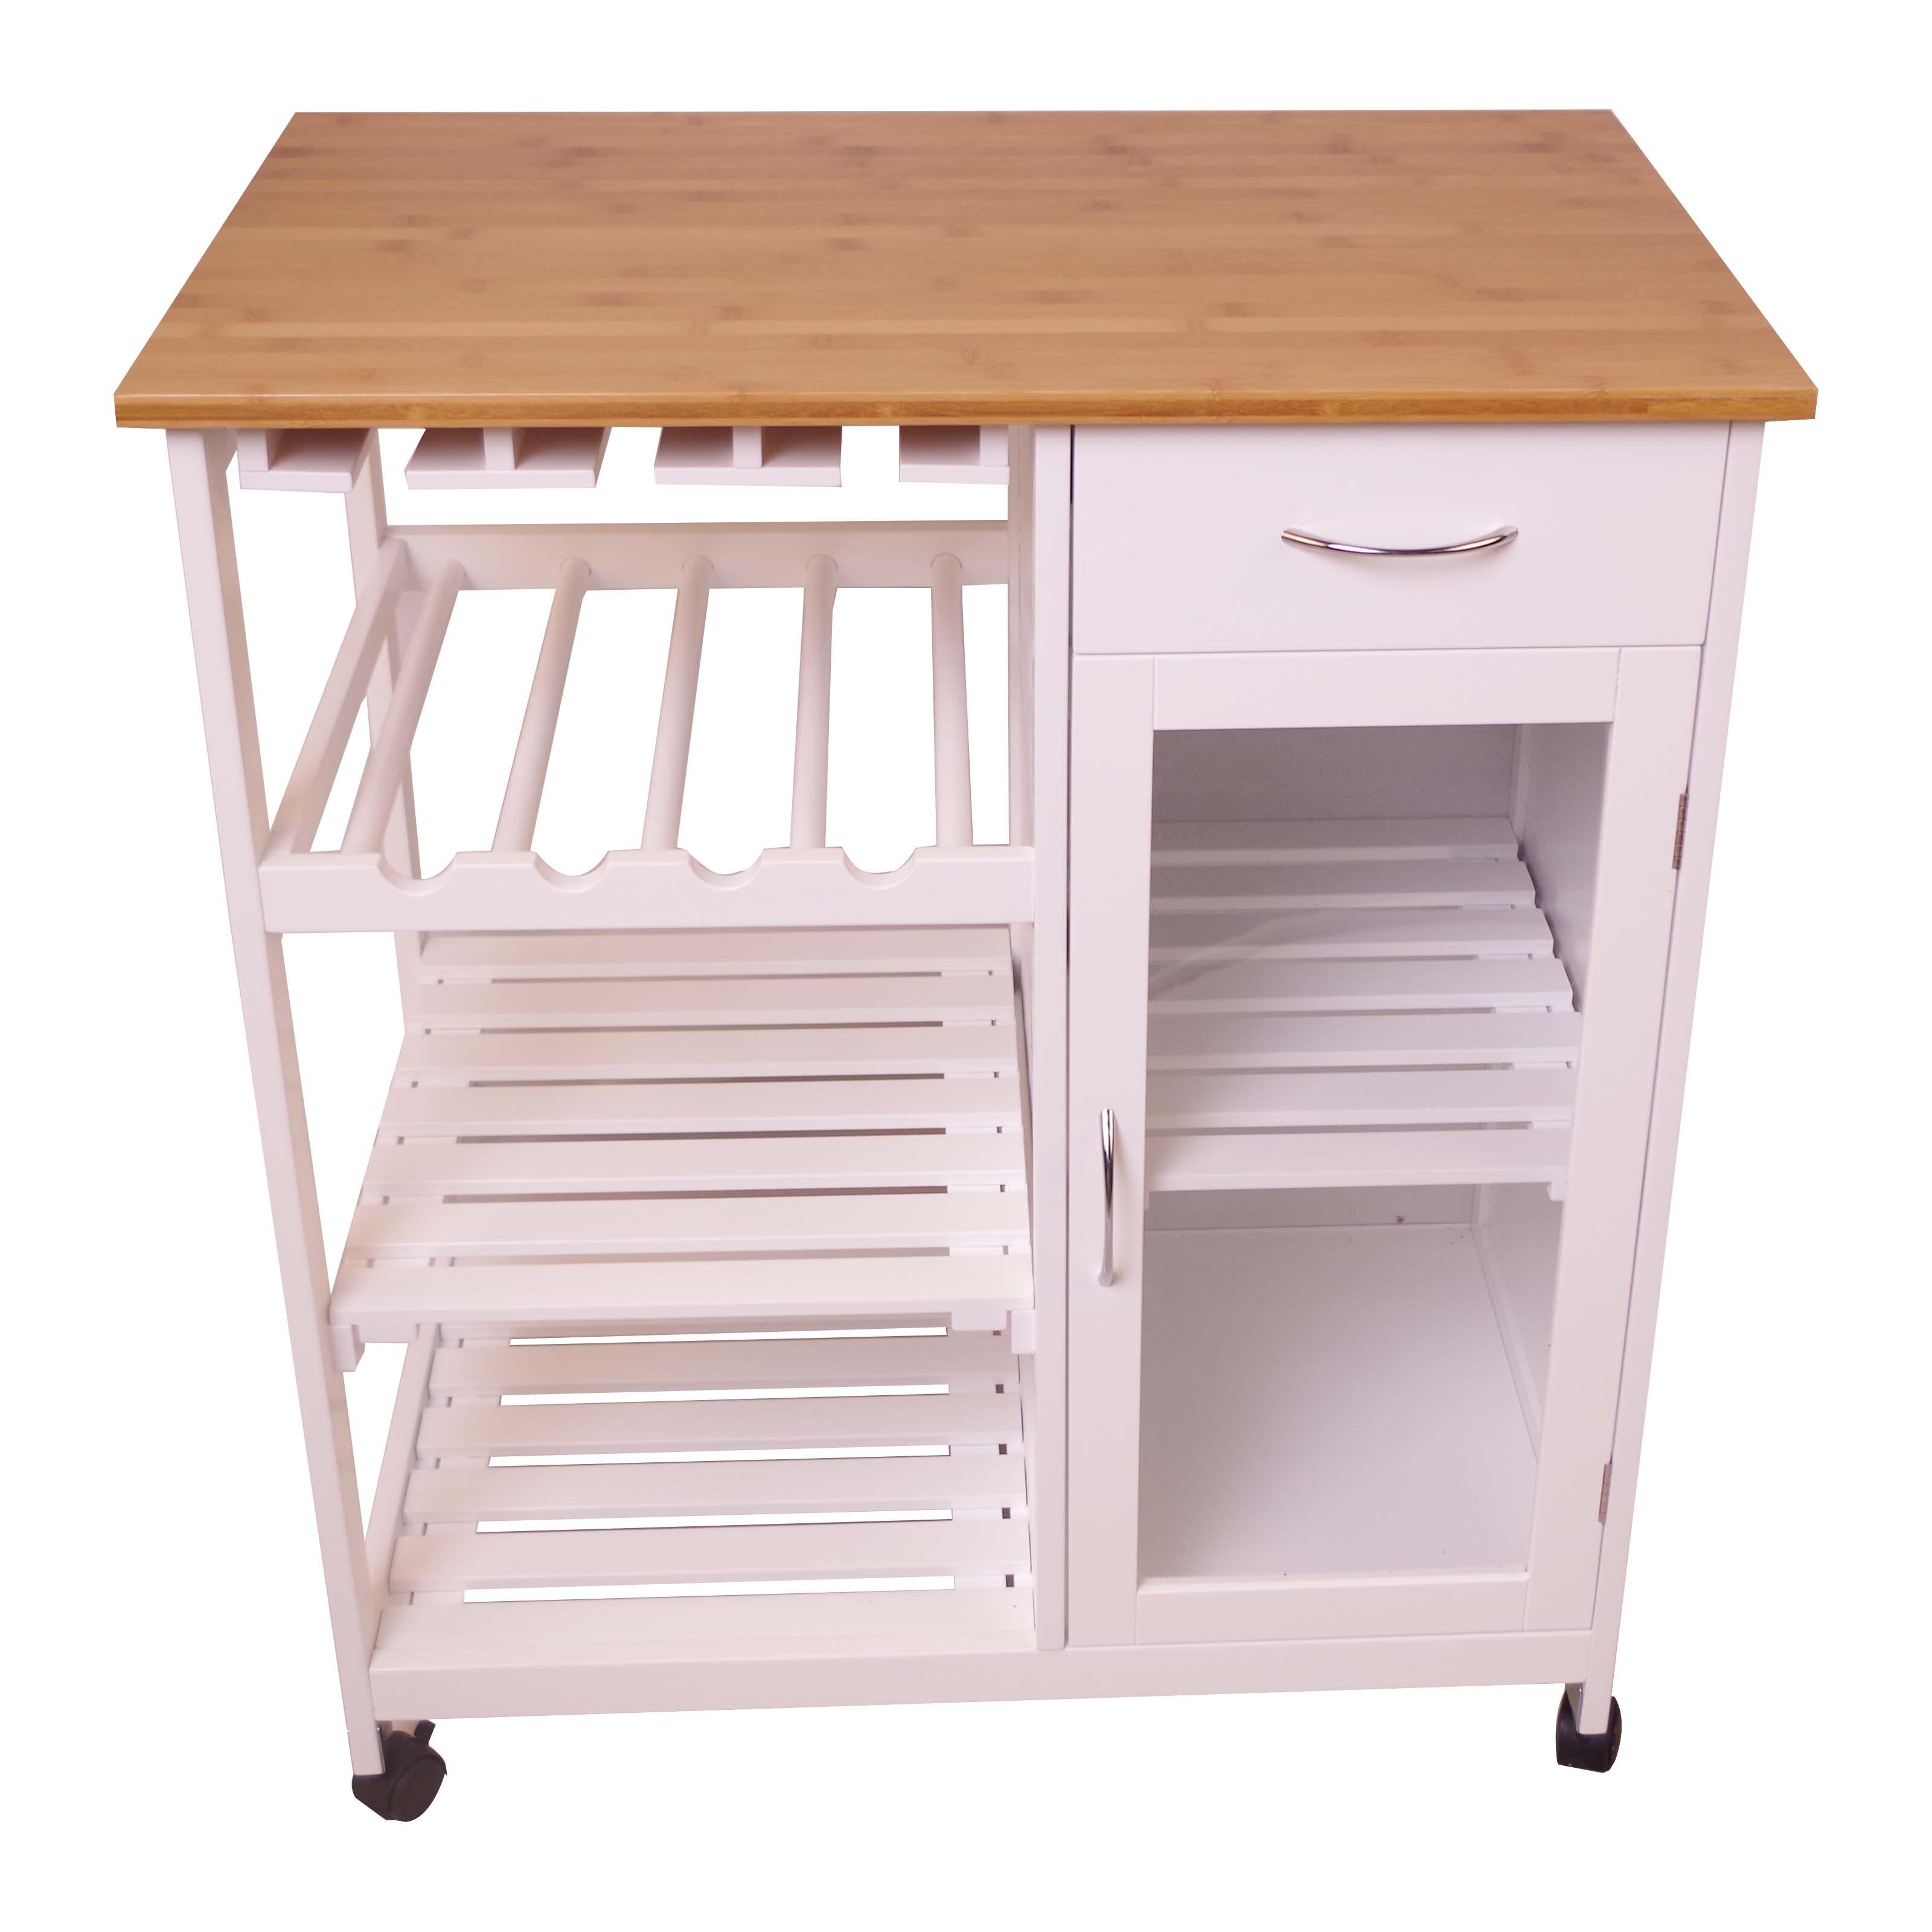 k chenwagen k chenhelfer rollwagen beistellwagen k che rw492 weiss bambus ebay. Black Bedroom Furniture Sets. Home Design Ideas